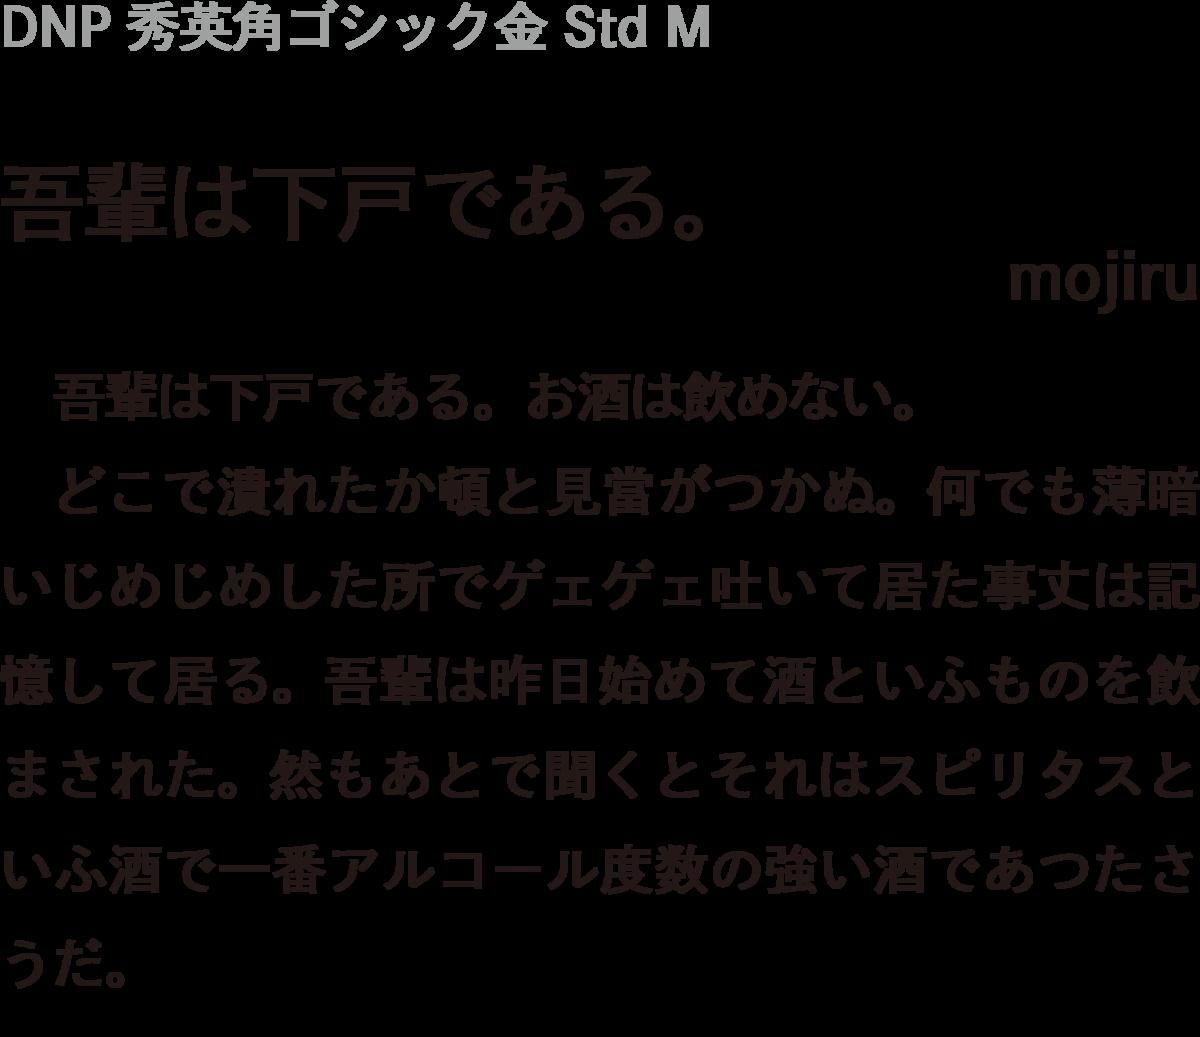 f:id:mojiru:20190411100444p:plain